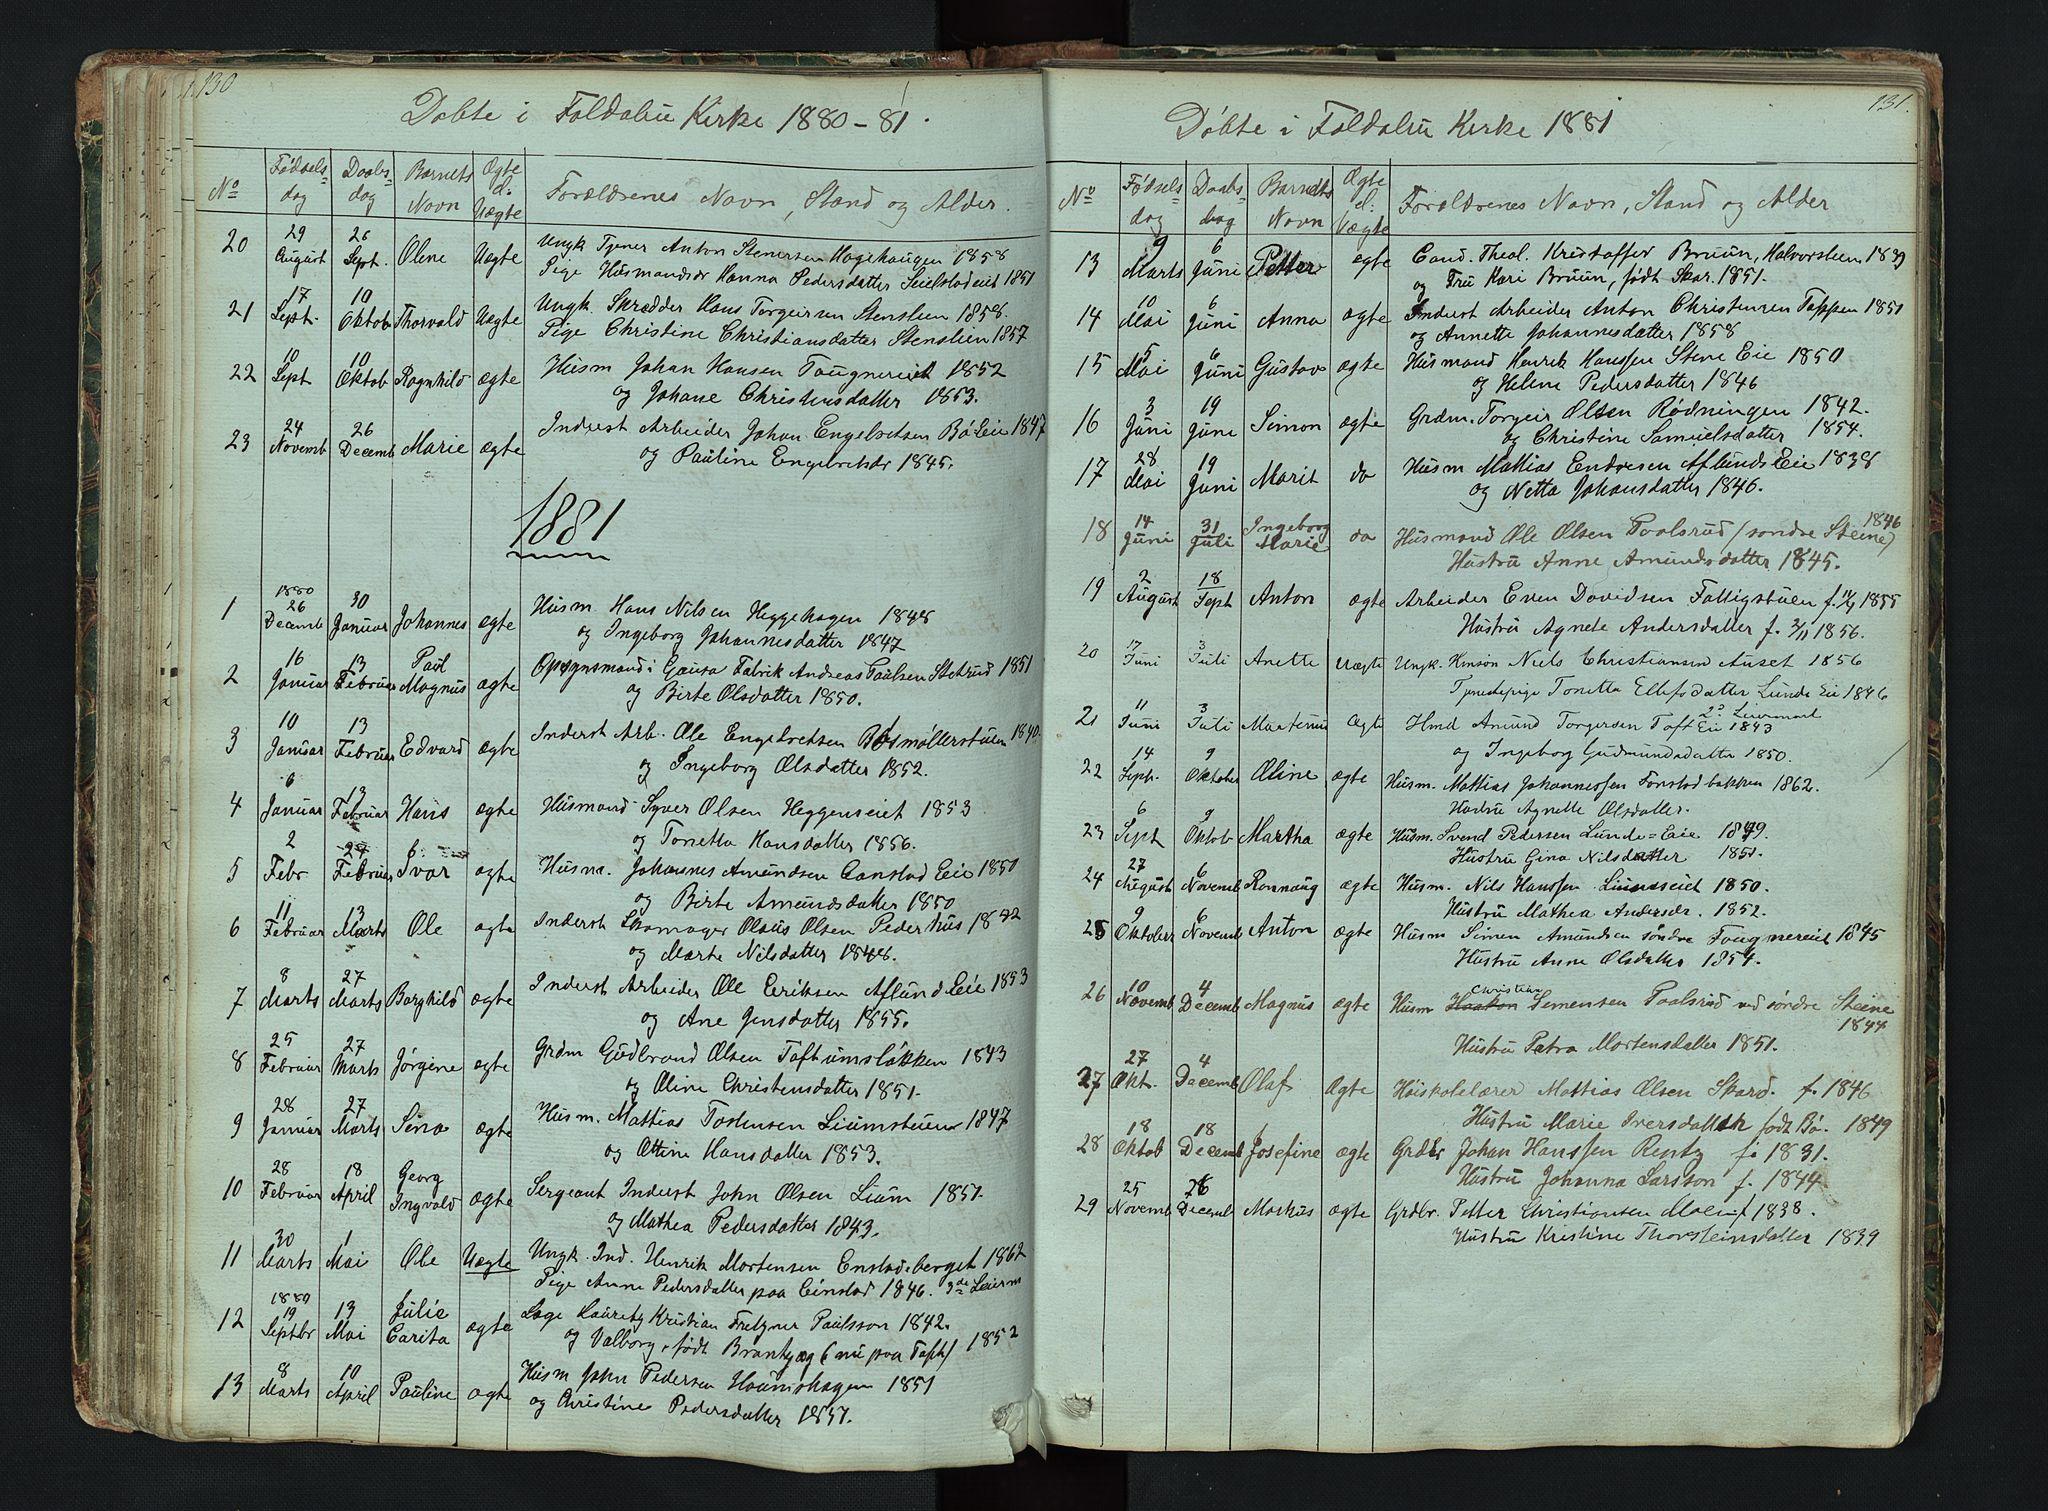 SAH, Gausdal prestekontor, Klokkerbok nr. 6, 1846-1893, s. 130-131